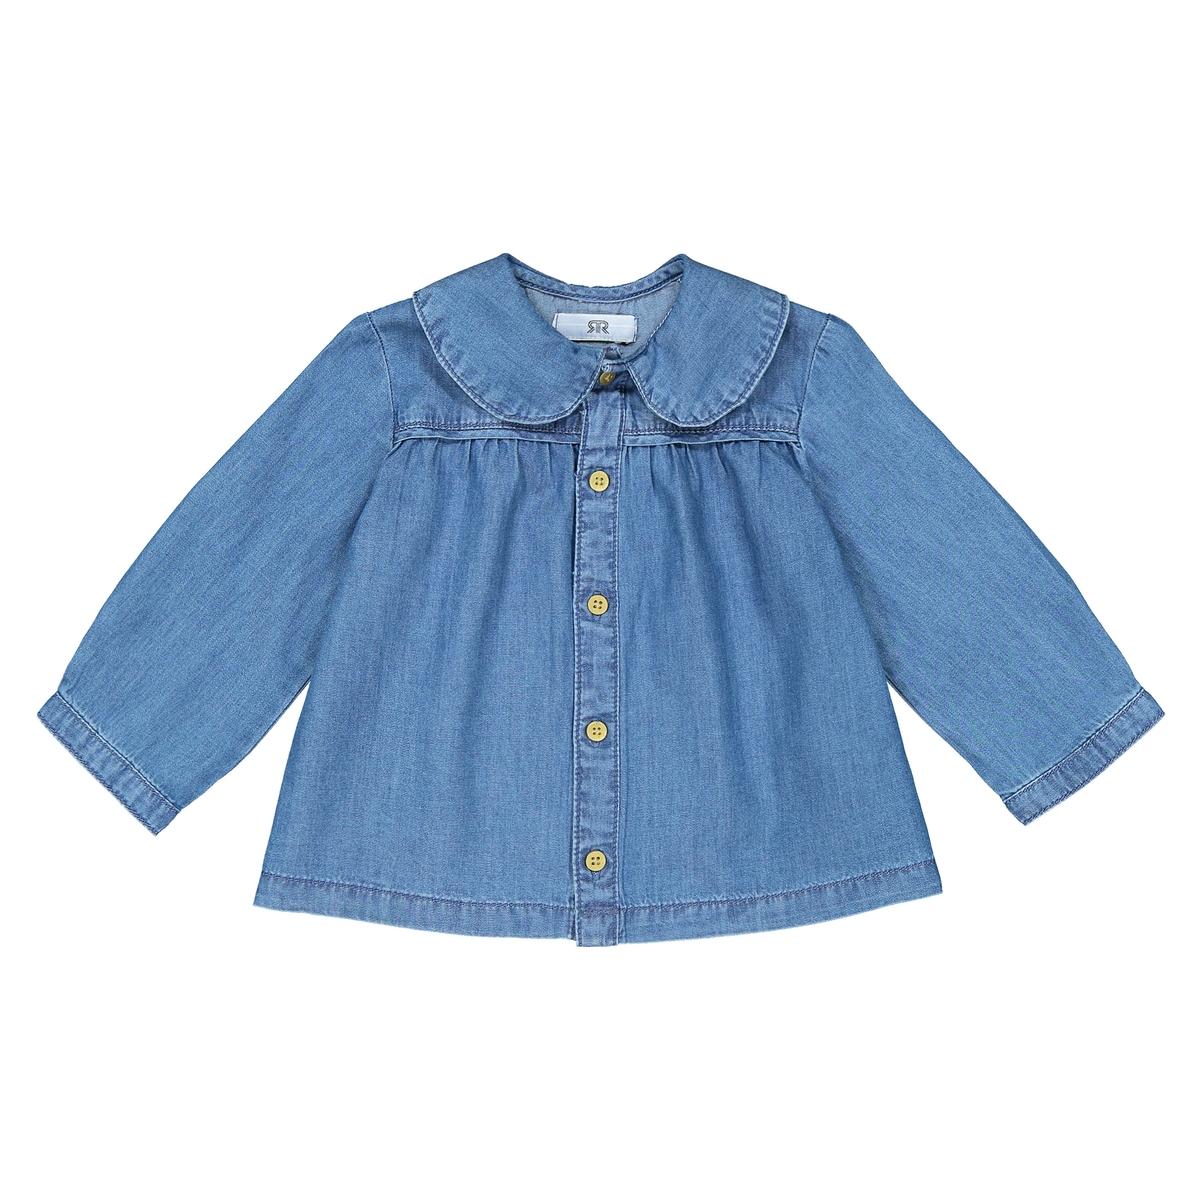 Блузка La Redoute С отложным воротником джинсовая мес- года 1 мес. - 54 см синий пиджак с отложным воротником b young